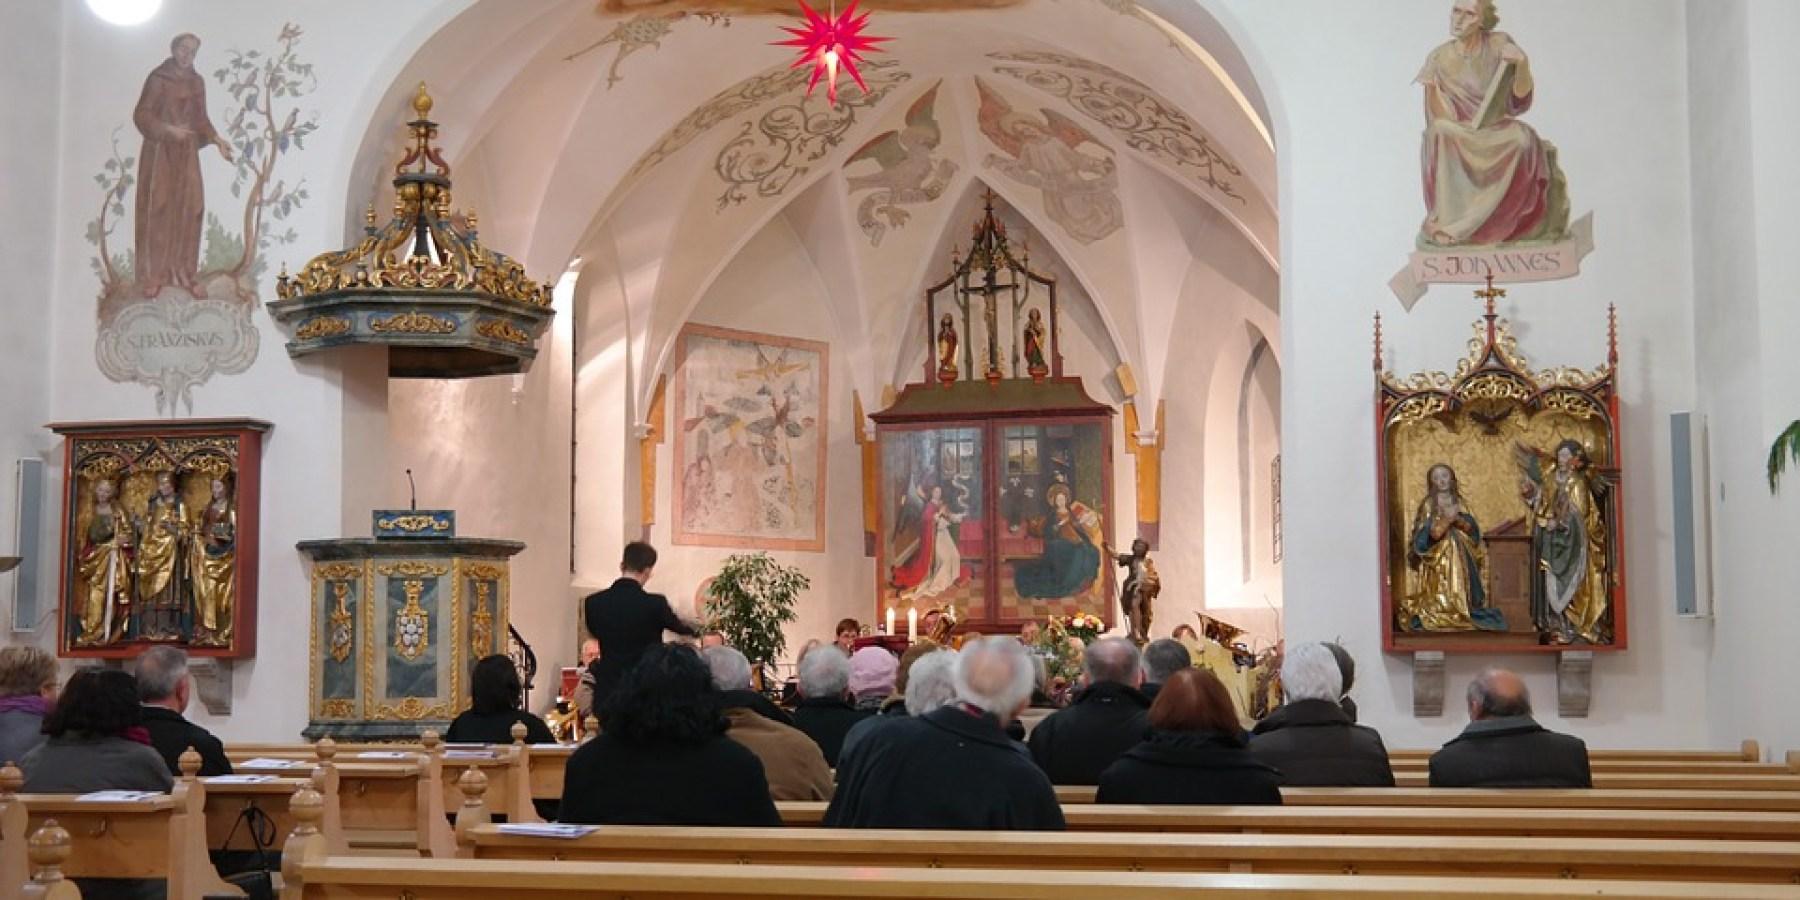 Einbruch in Pfarrheim